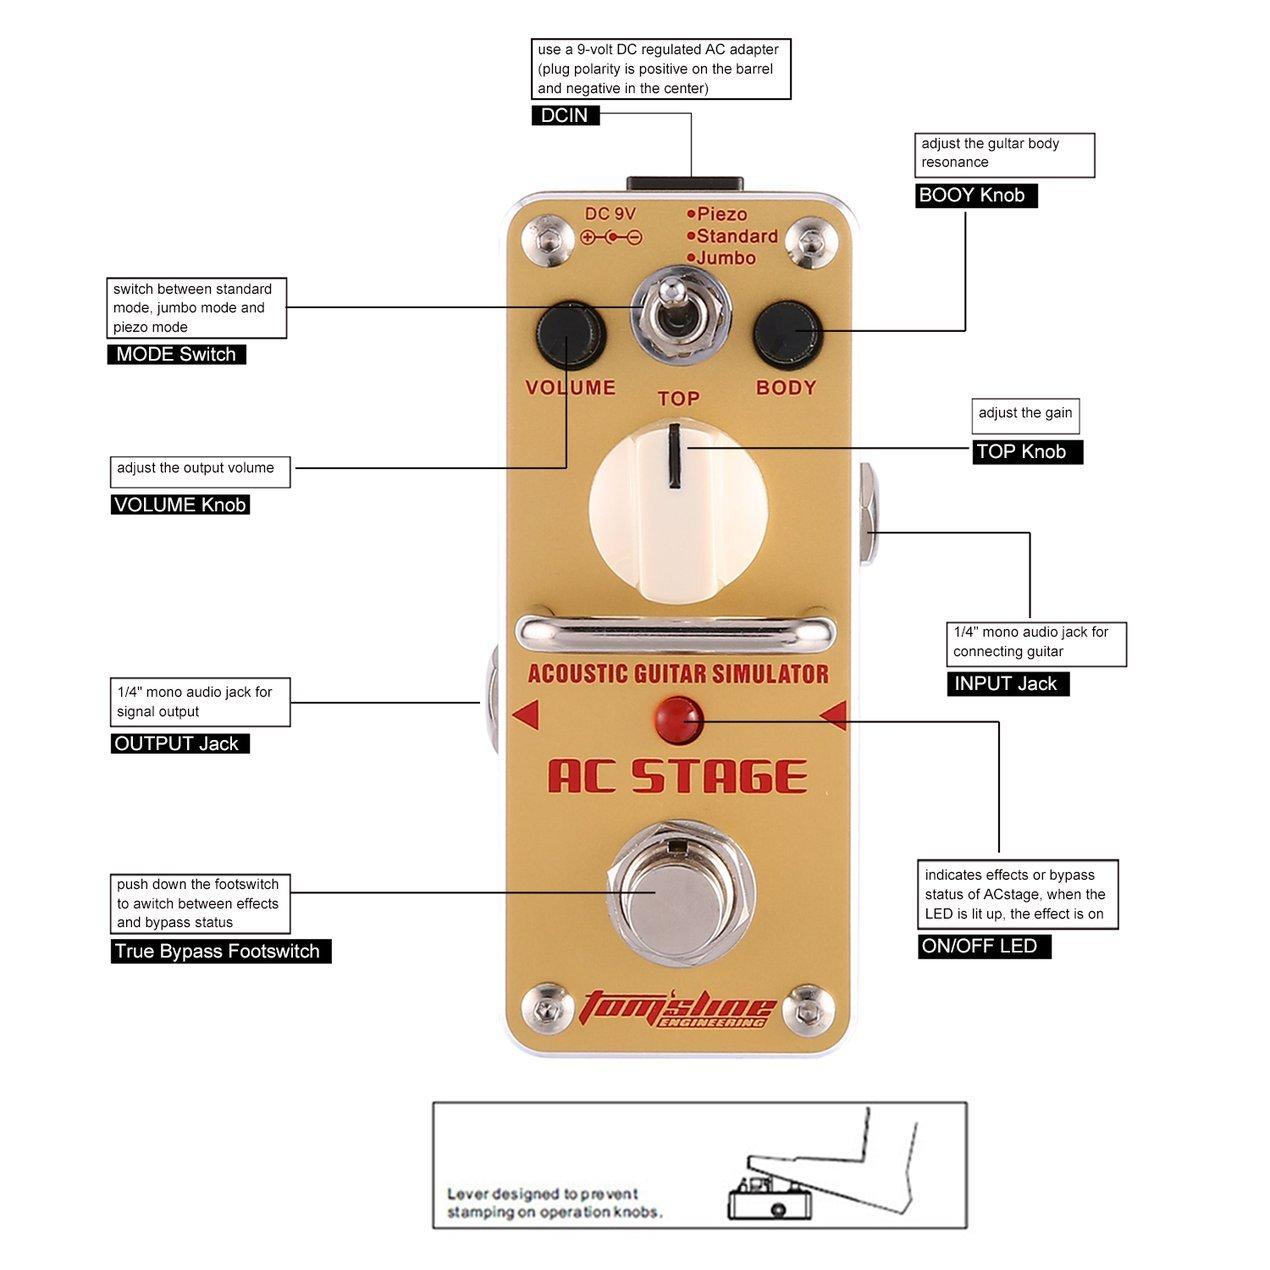 Dooret Simulador de Guitarra Acústica Mini Solo Pedal de Efectos de Guitarra Eléctrica con True Bypass Guitar Accesorios: Amazon.es: Deportes y aire libre